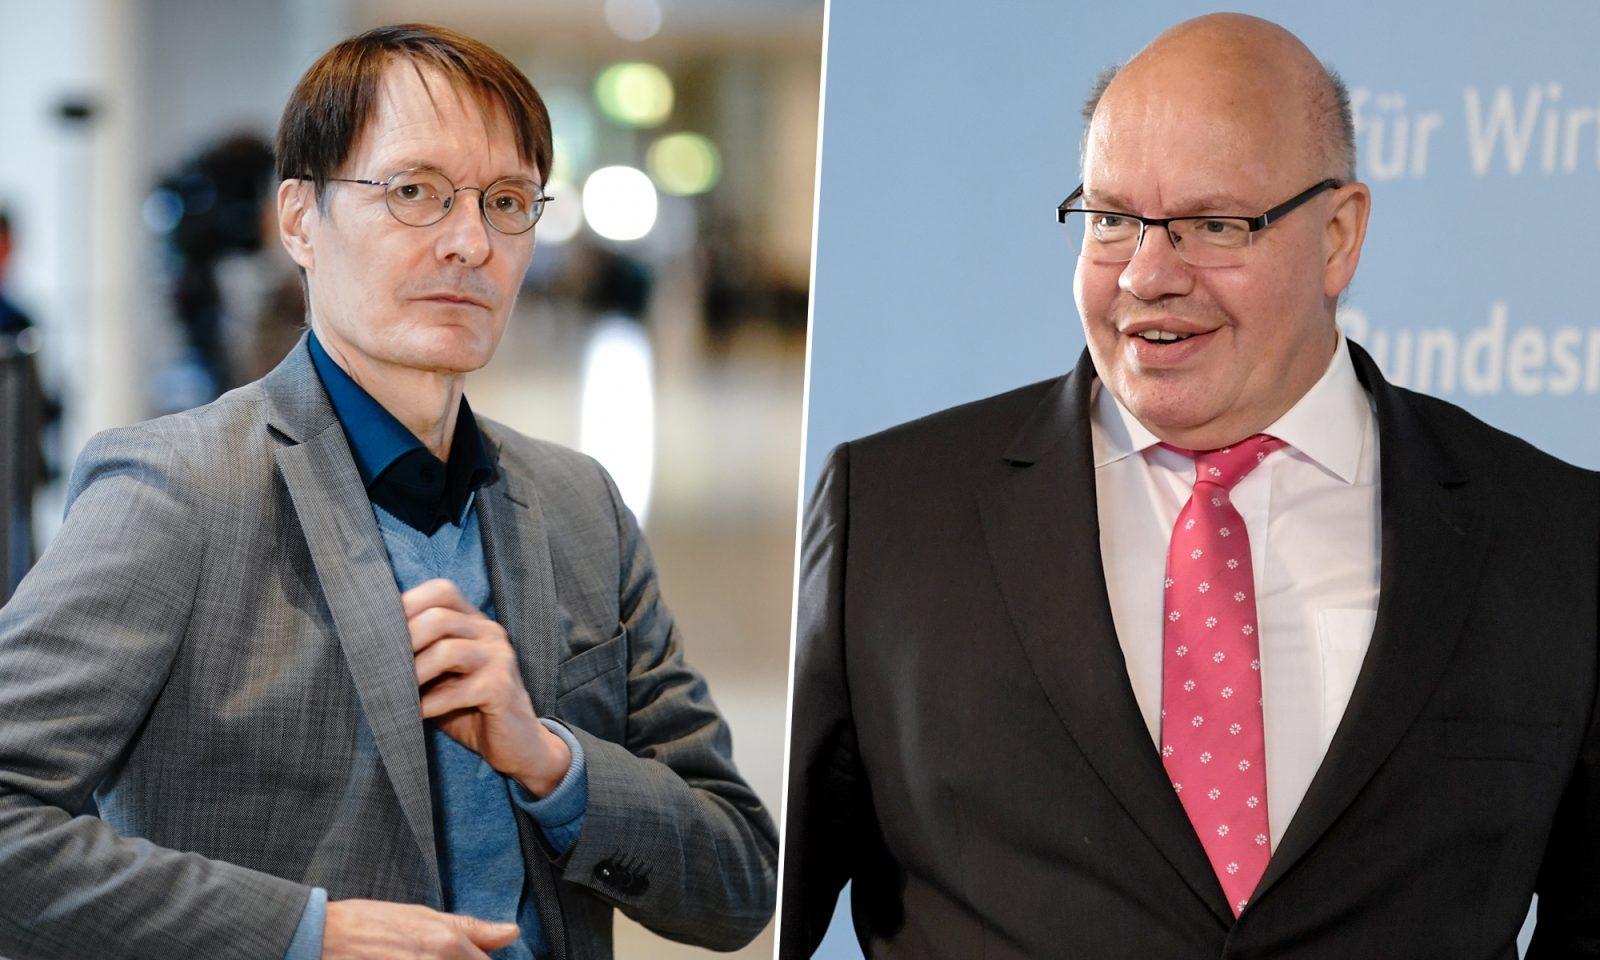 Karl Lauterbach (SPD) und Peter Altmaier (CDU):Sitzen am häufigsten in Talkshows